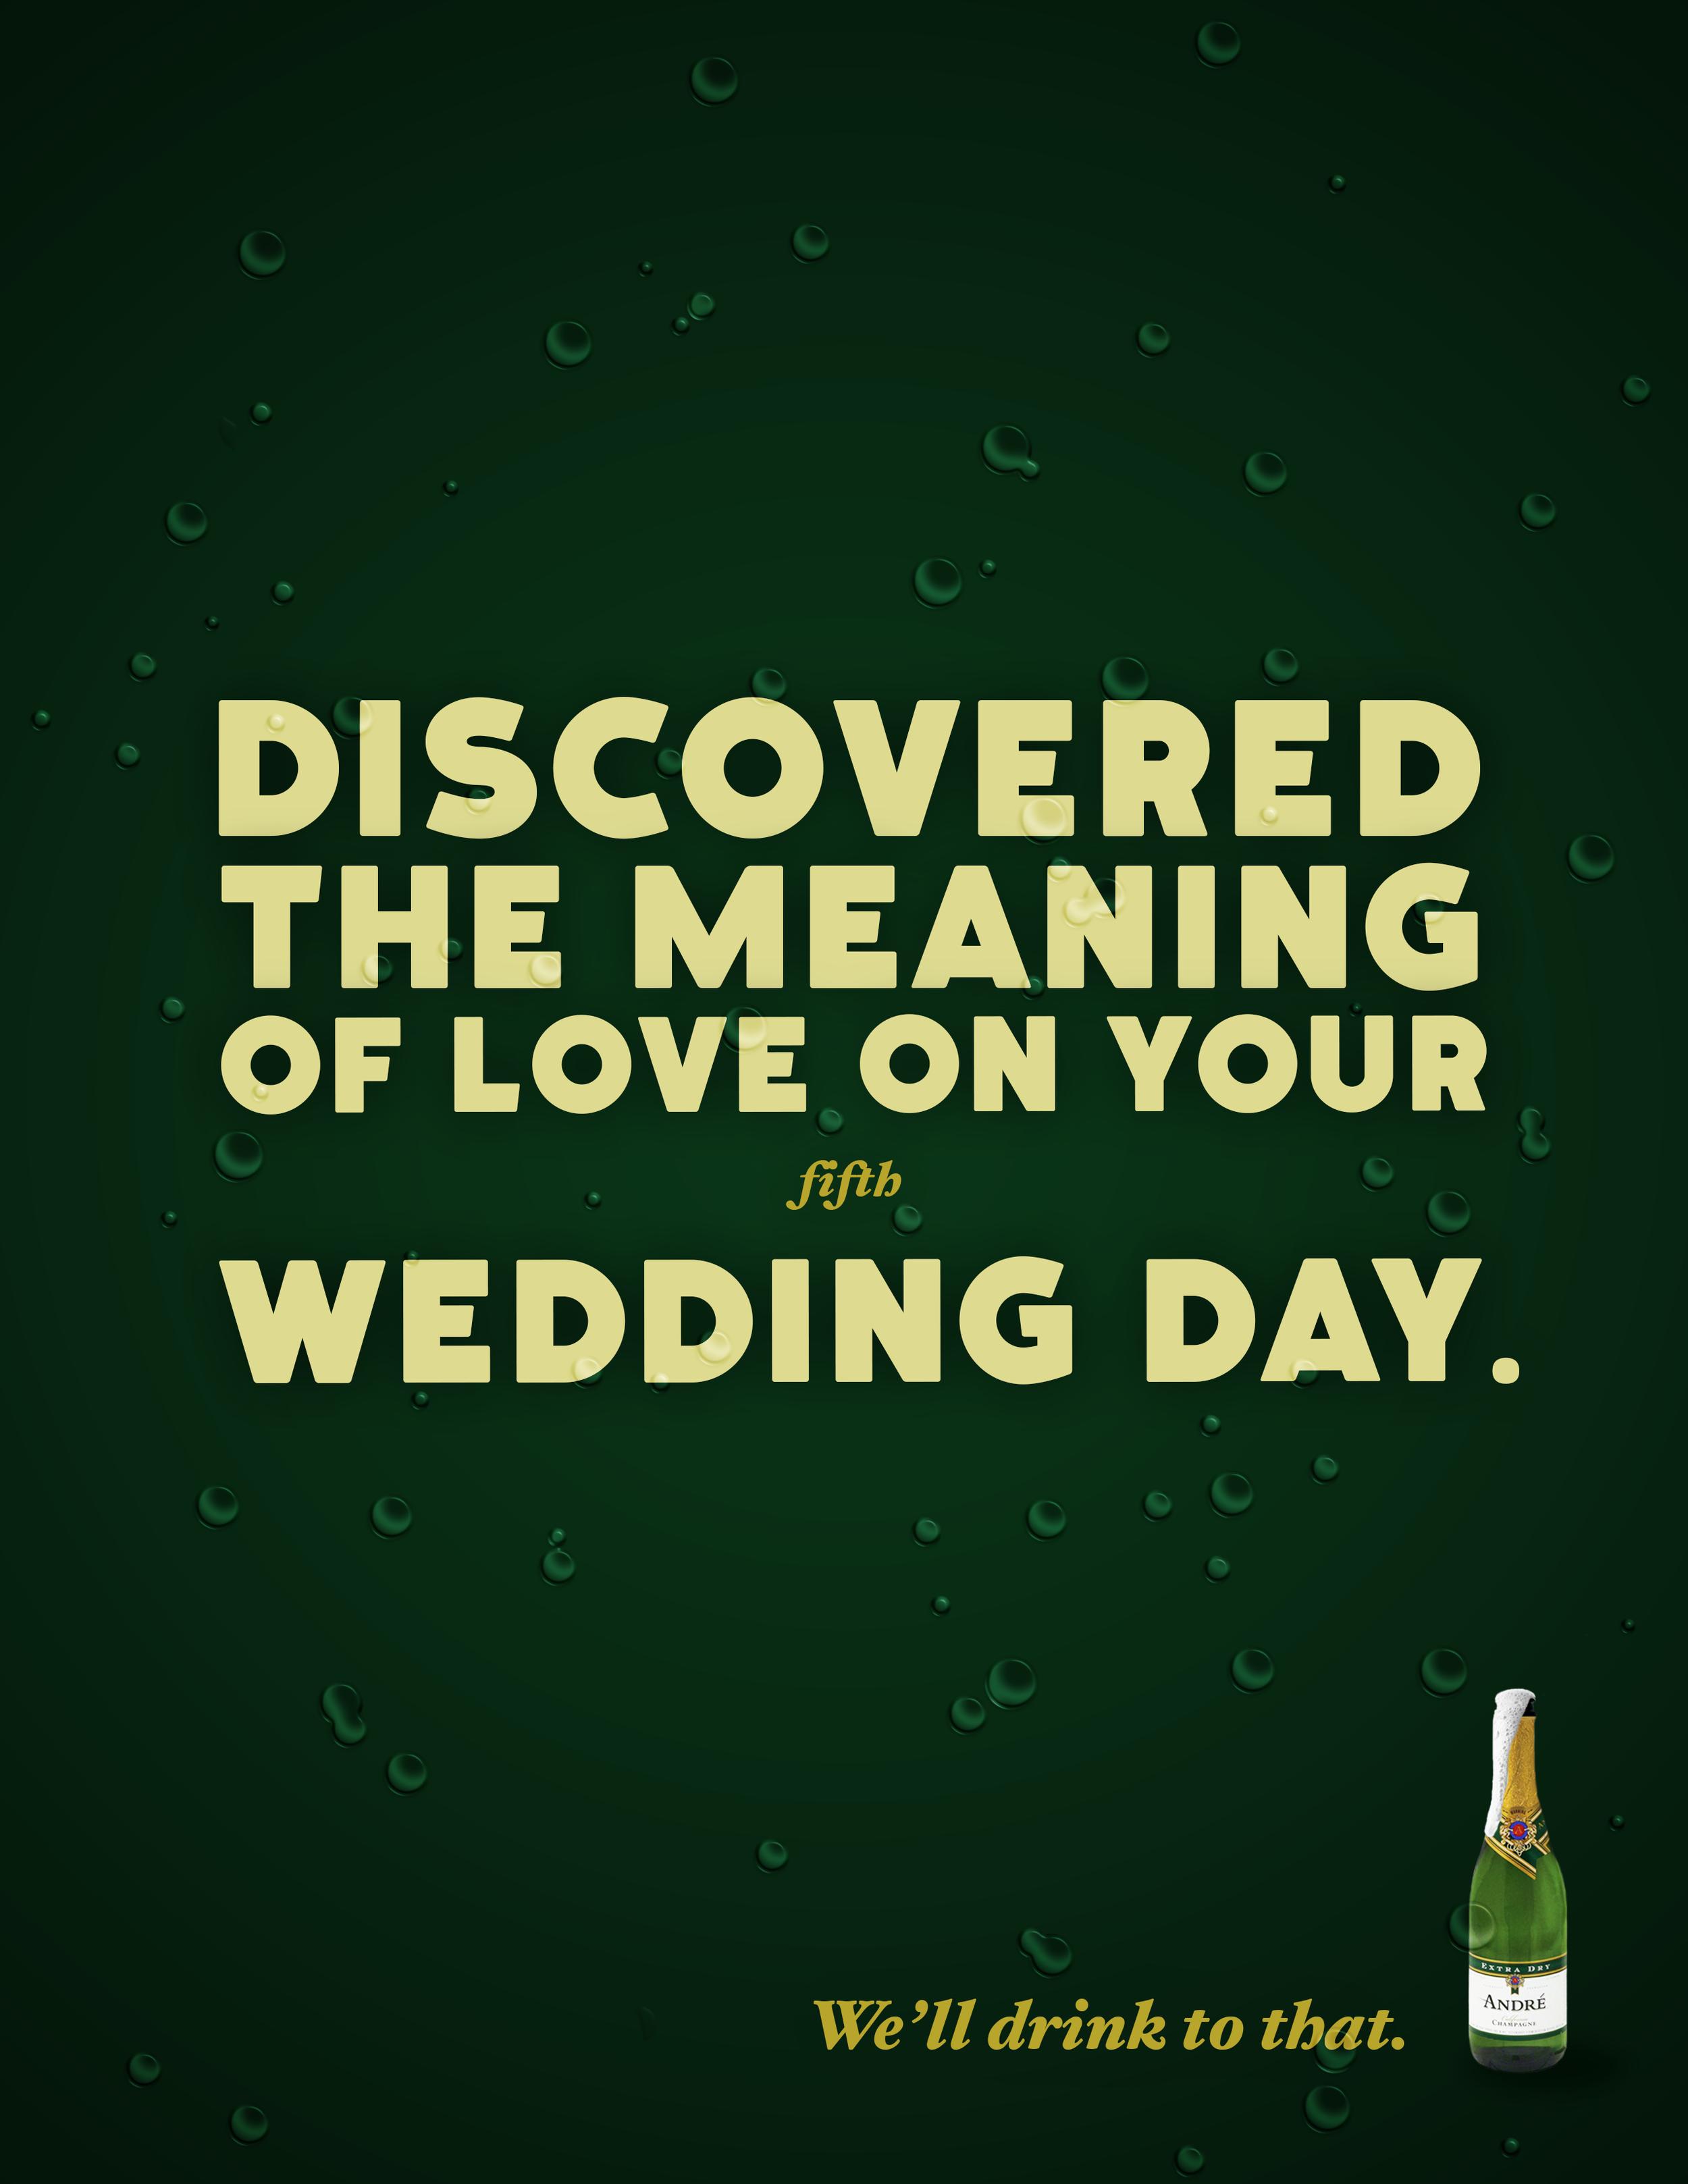 Andre_wedding_v3.png